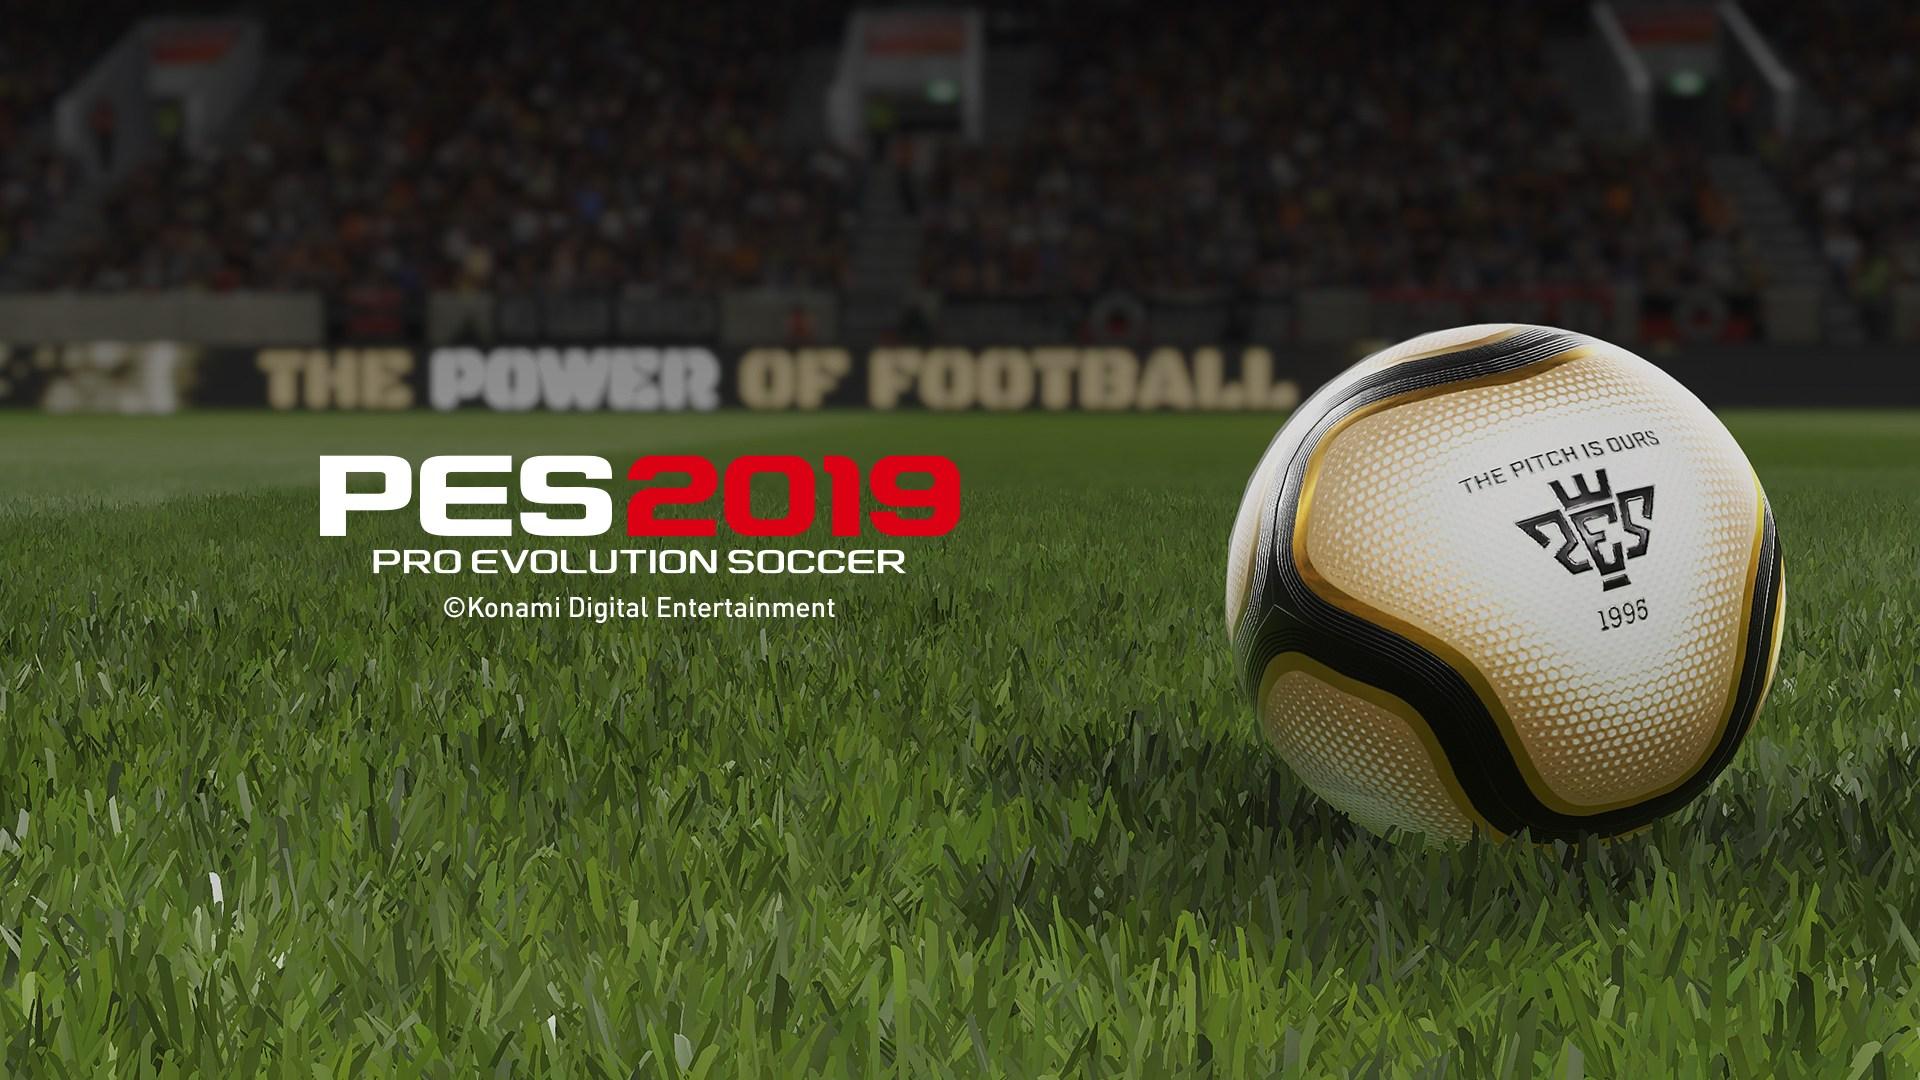 Lý do bạn nhất định phải chơi PES 2019 | Zuu vn